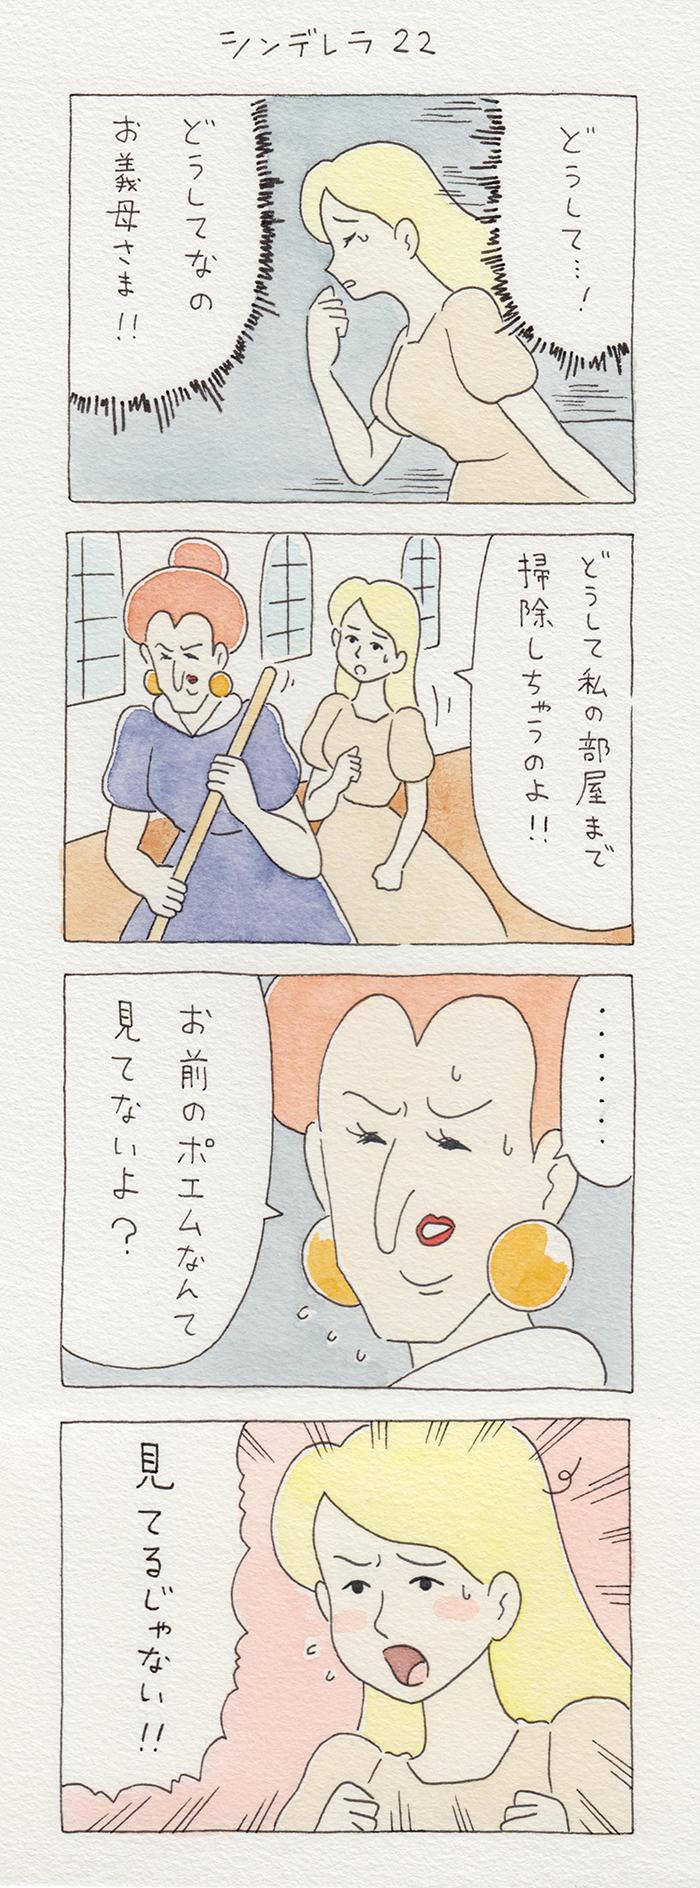 【4コマ漫画】シンデレラ22